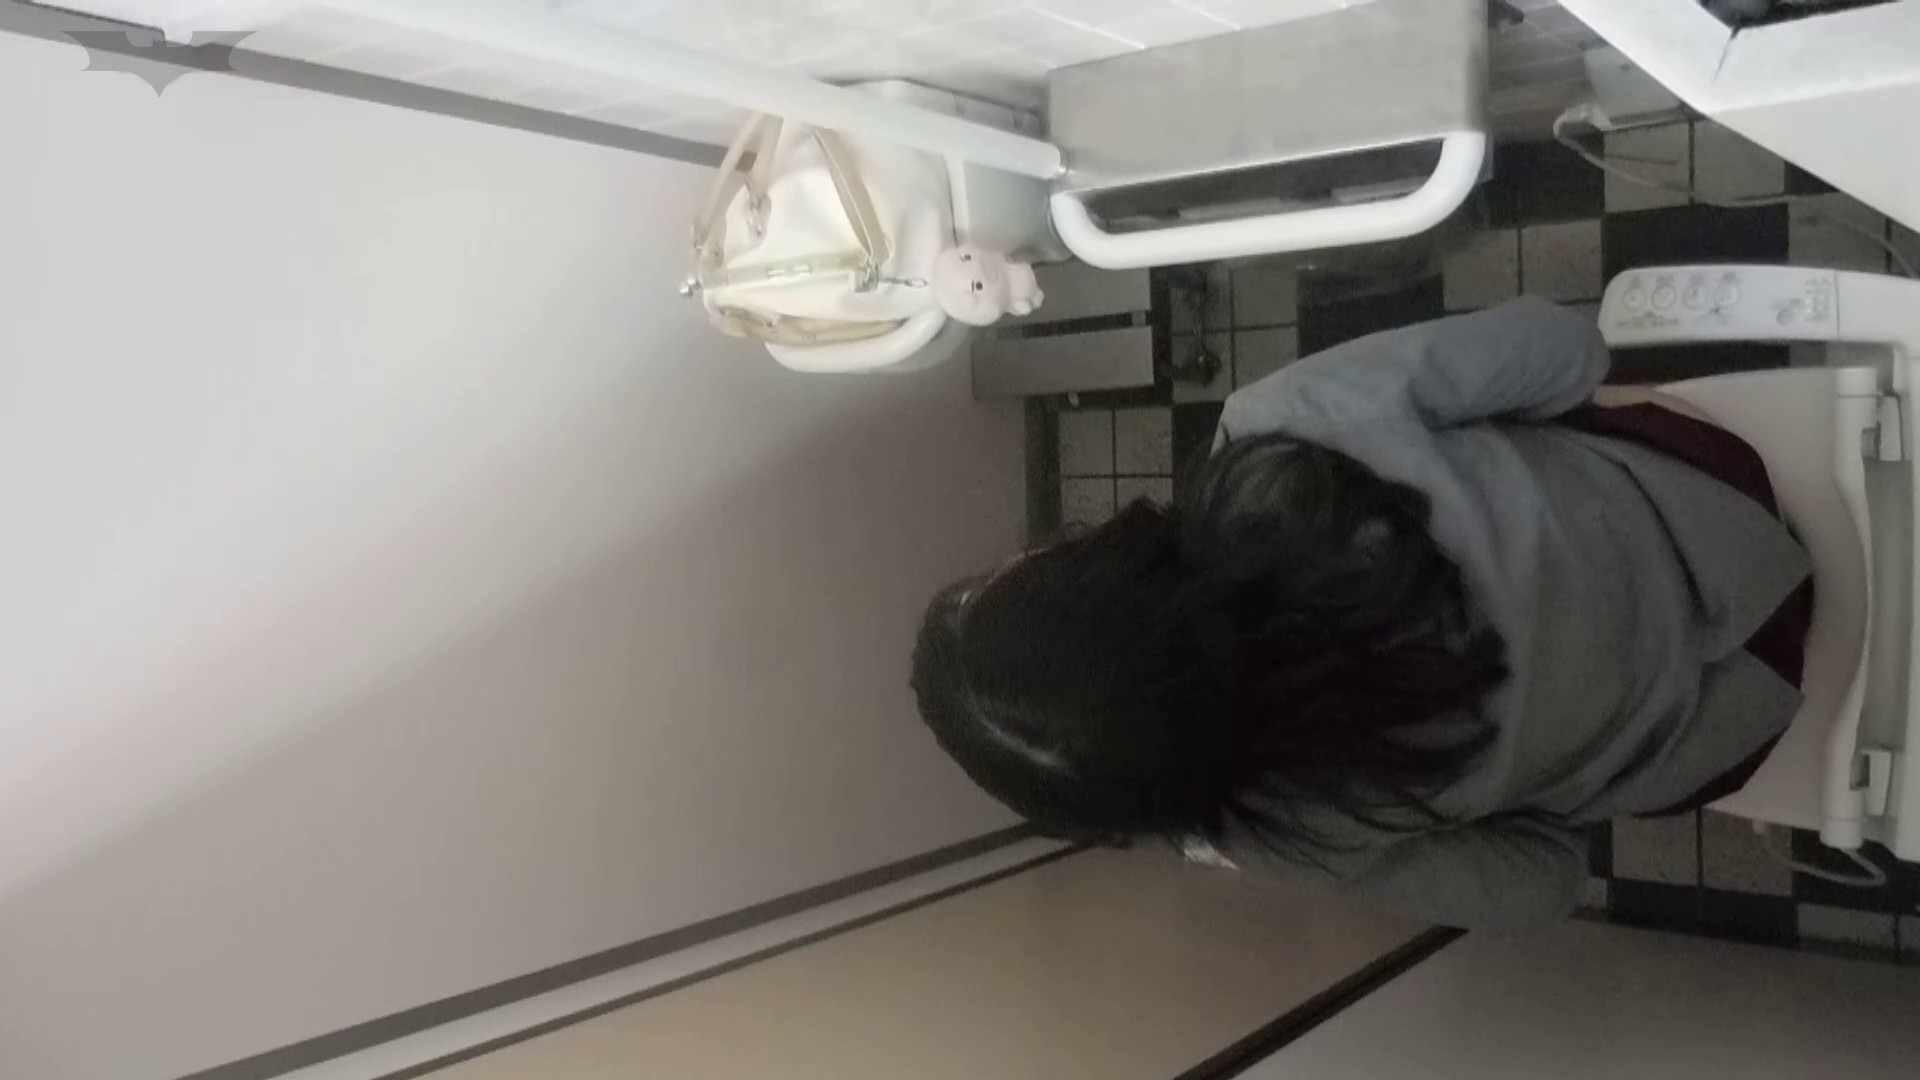 化粧室絵巻 駅舎編 VOL.21 ヨリドリミドリ!!選びたい放題です。 OL   0  30連発 9